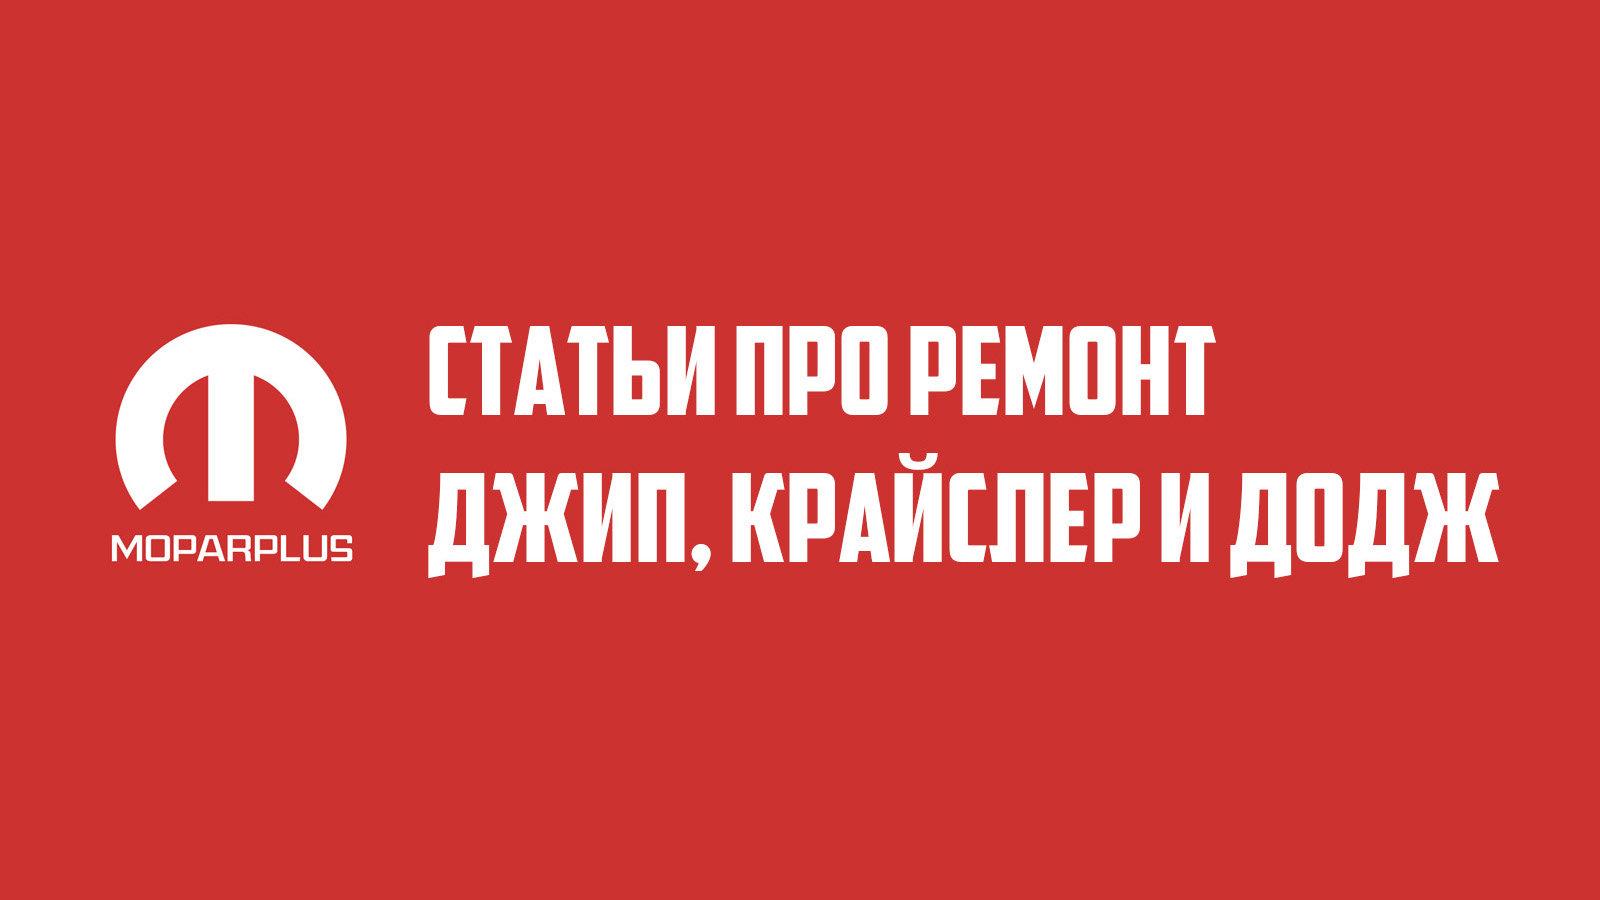 Статьи про ремонт. Выпуск №33.